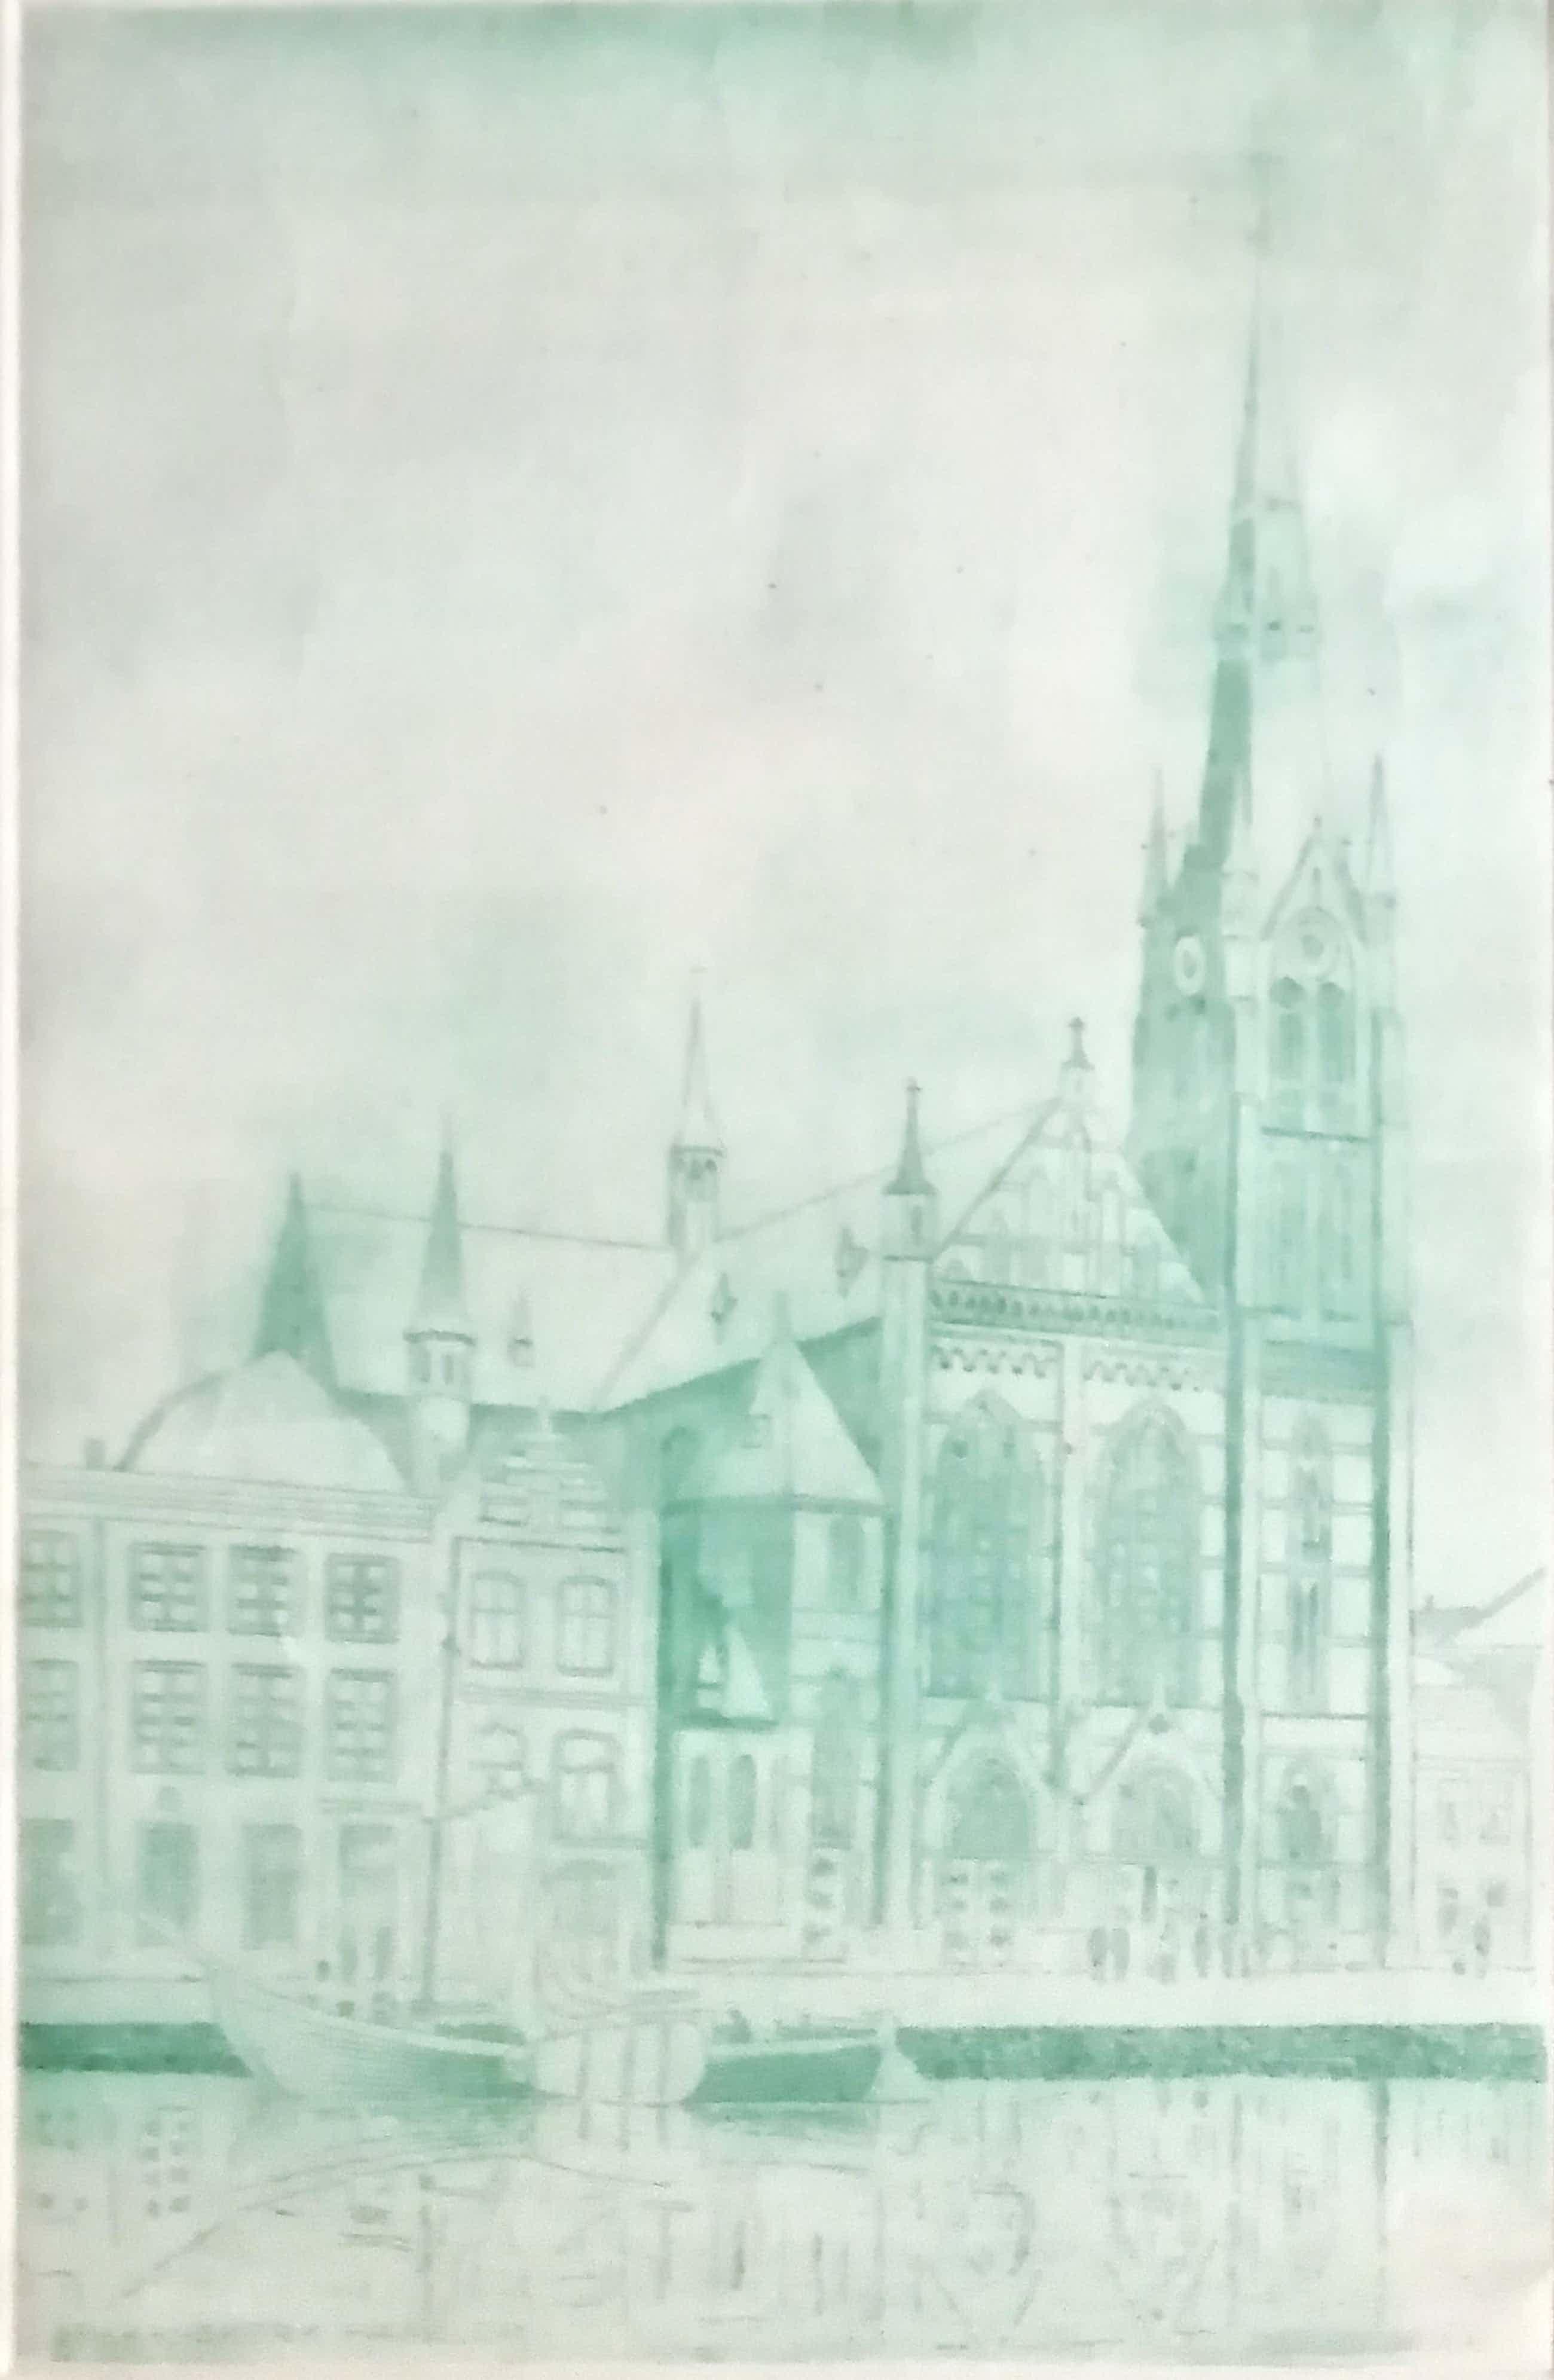 Poppe Damave - Haarlem (Spaarne kerk) kopen? Bied vanaf 35!